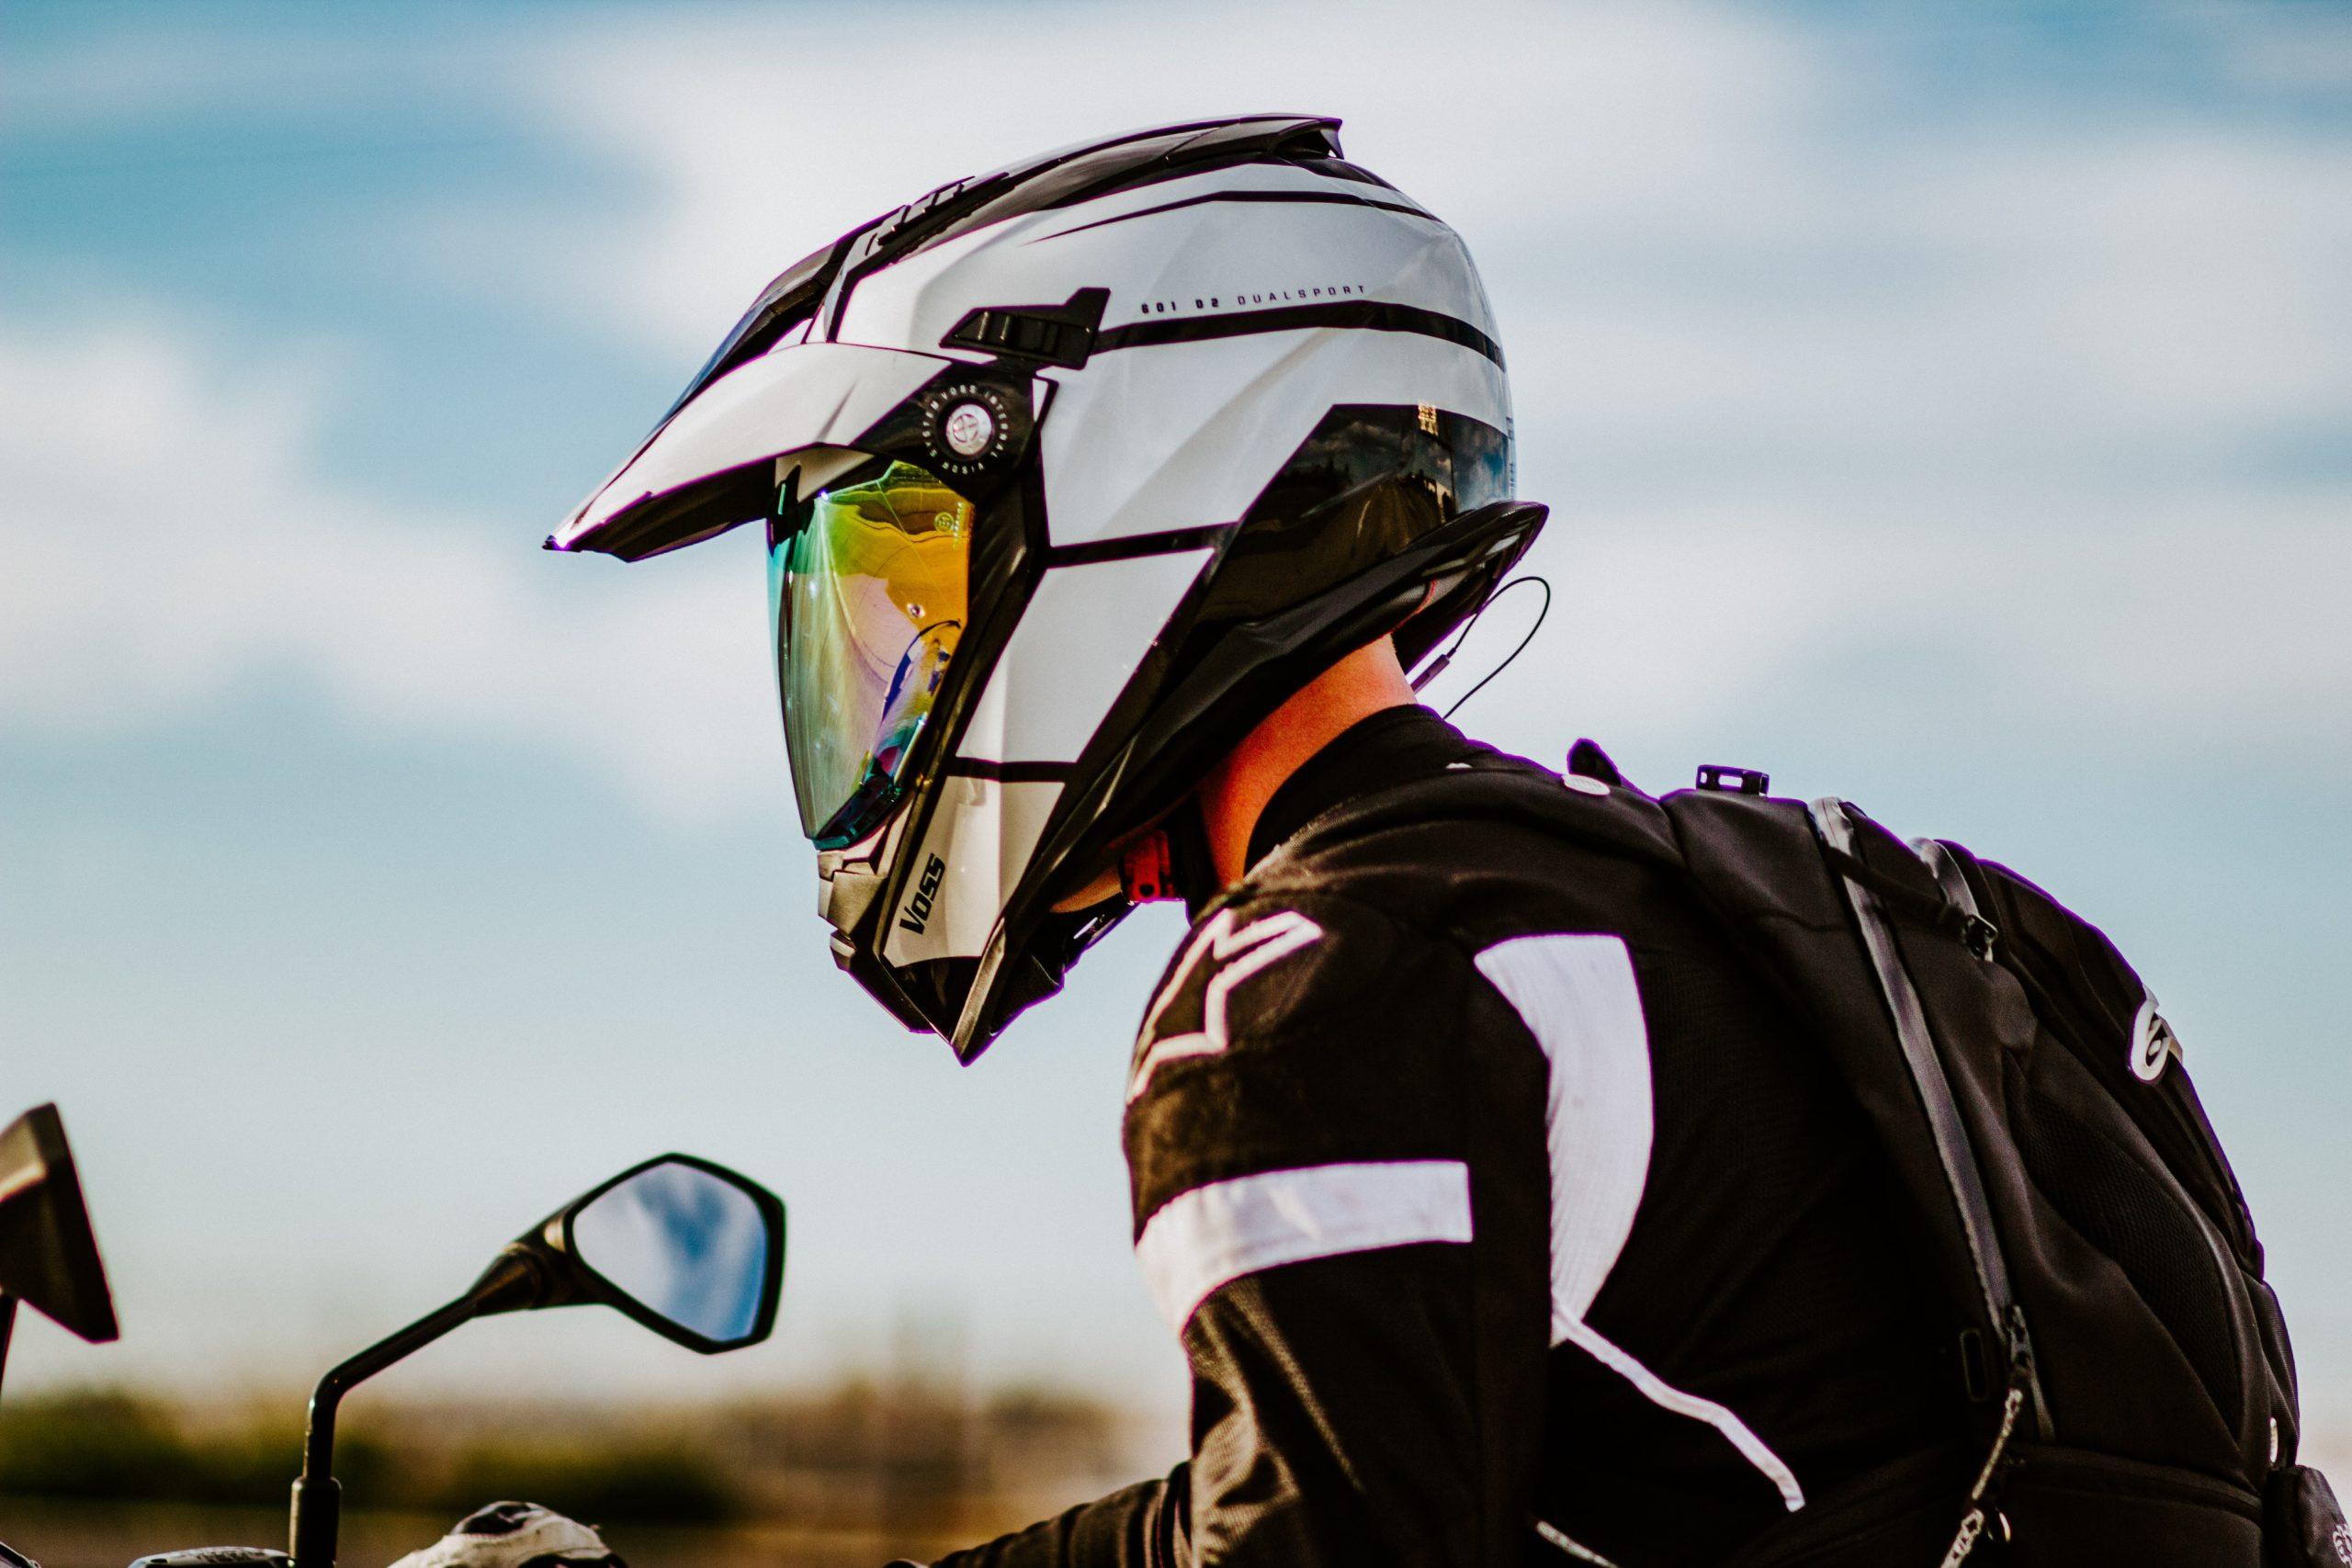 helmet safety testing